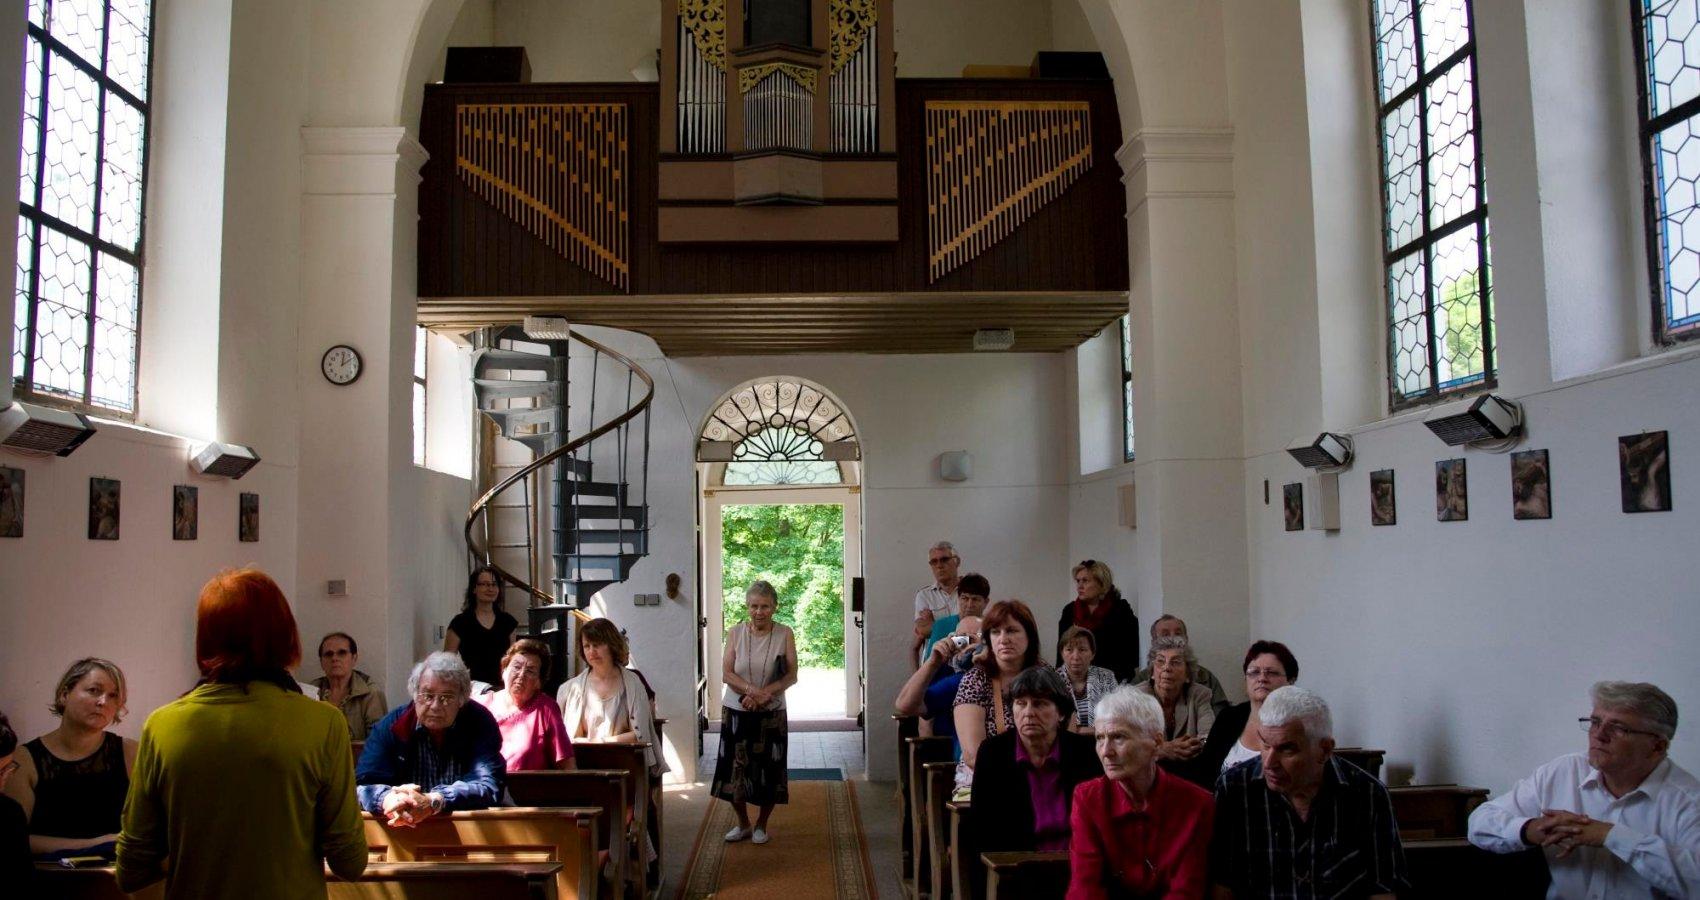 Prohlídka kostela s besedou